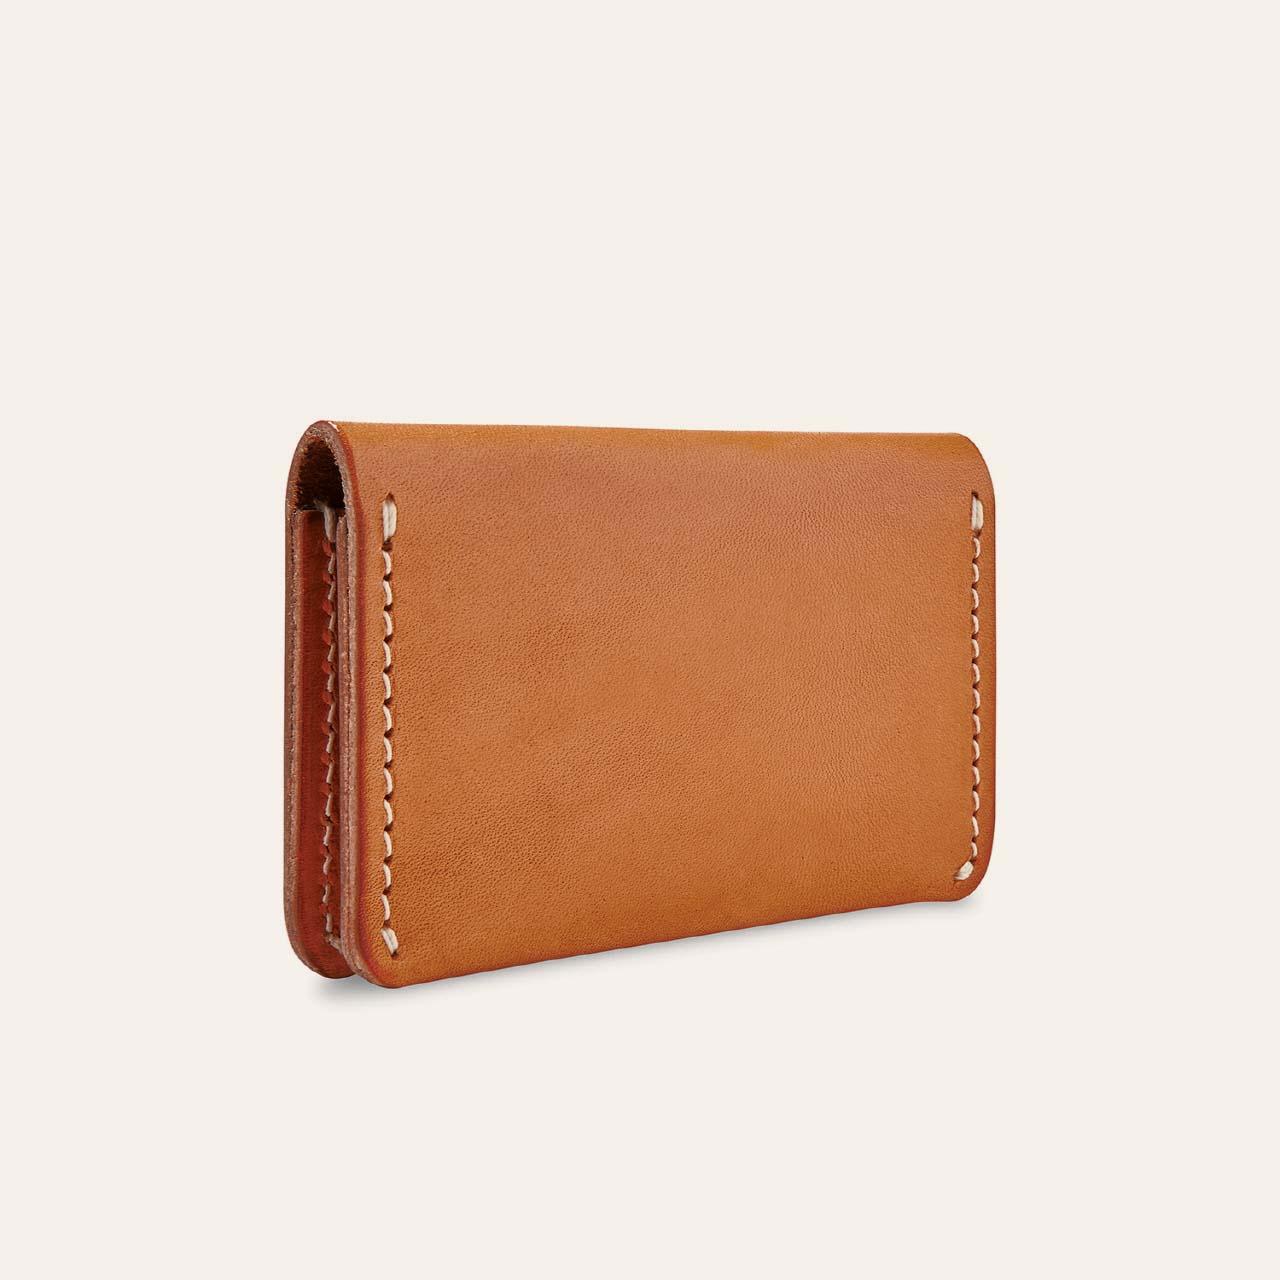 카드 홀더 지갑 95029 - 내추럴 베지터블 탄